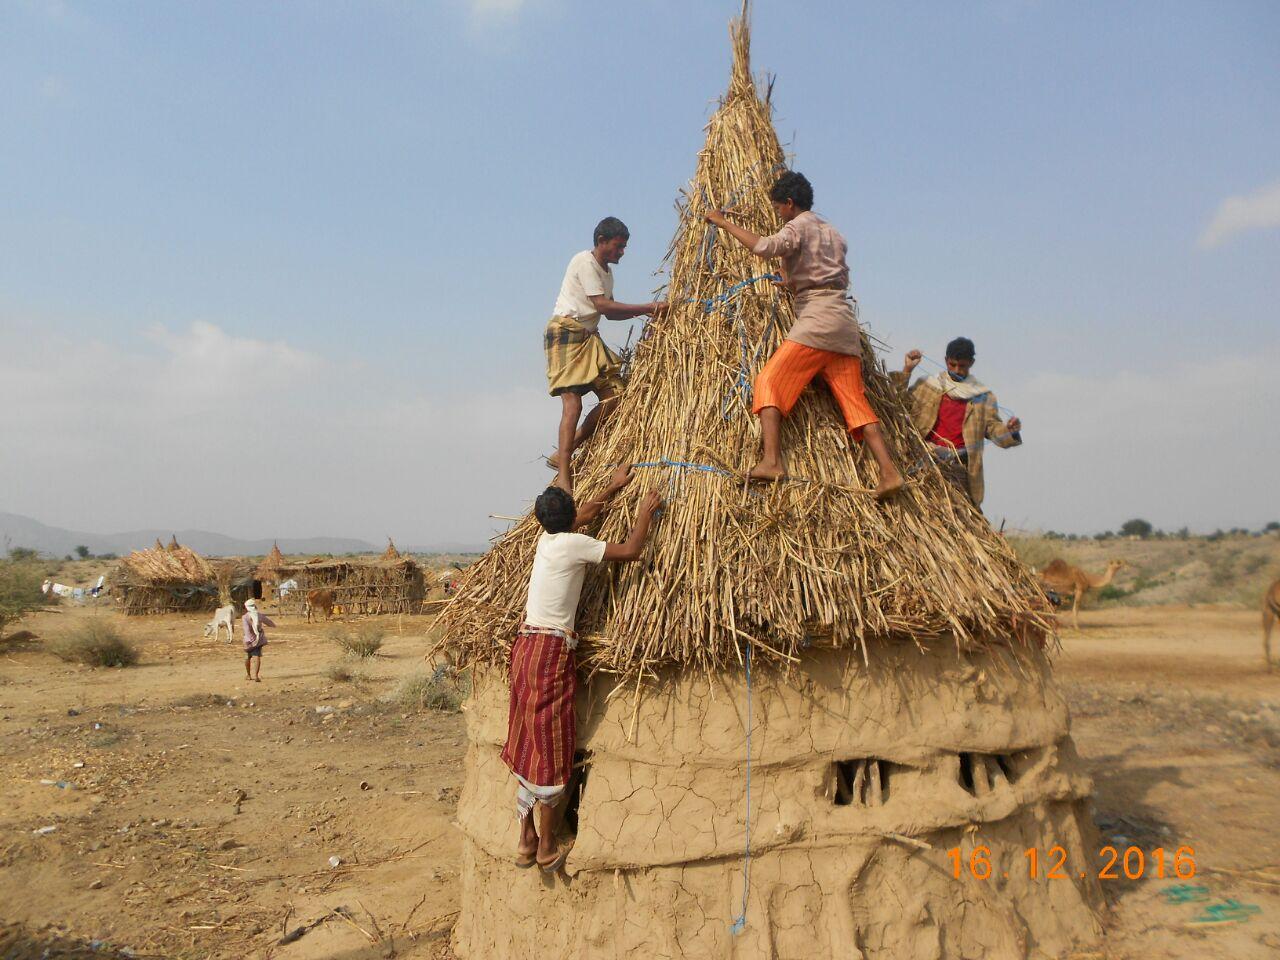 الصندوق ينجح في نسج علاقة متينة بين التنمية والمجتمع